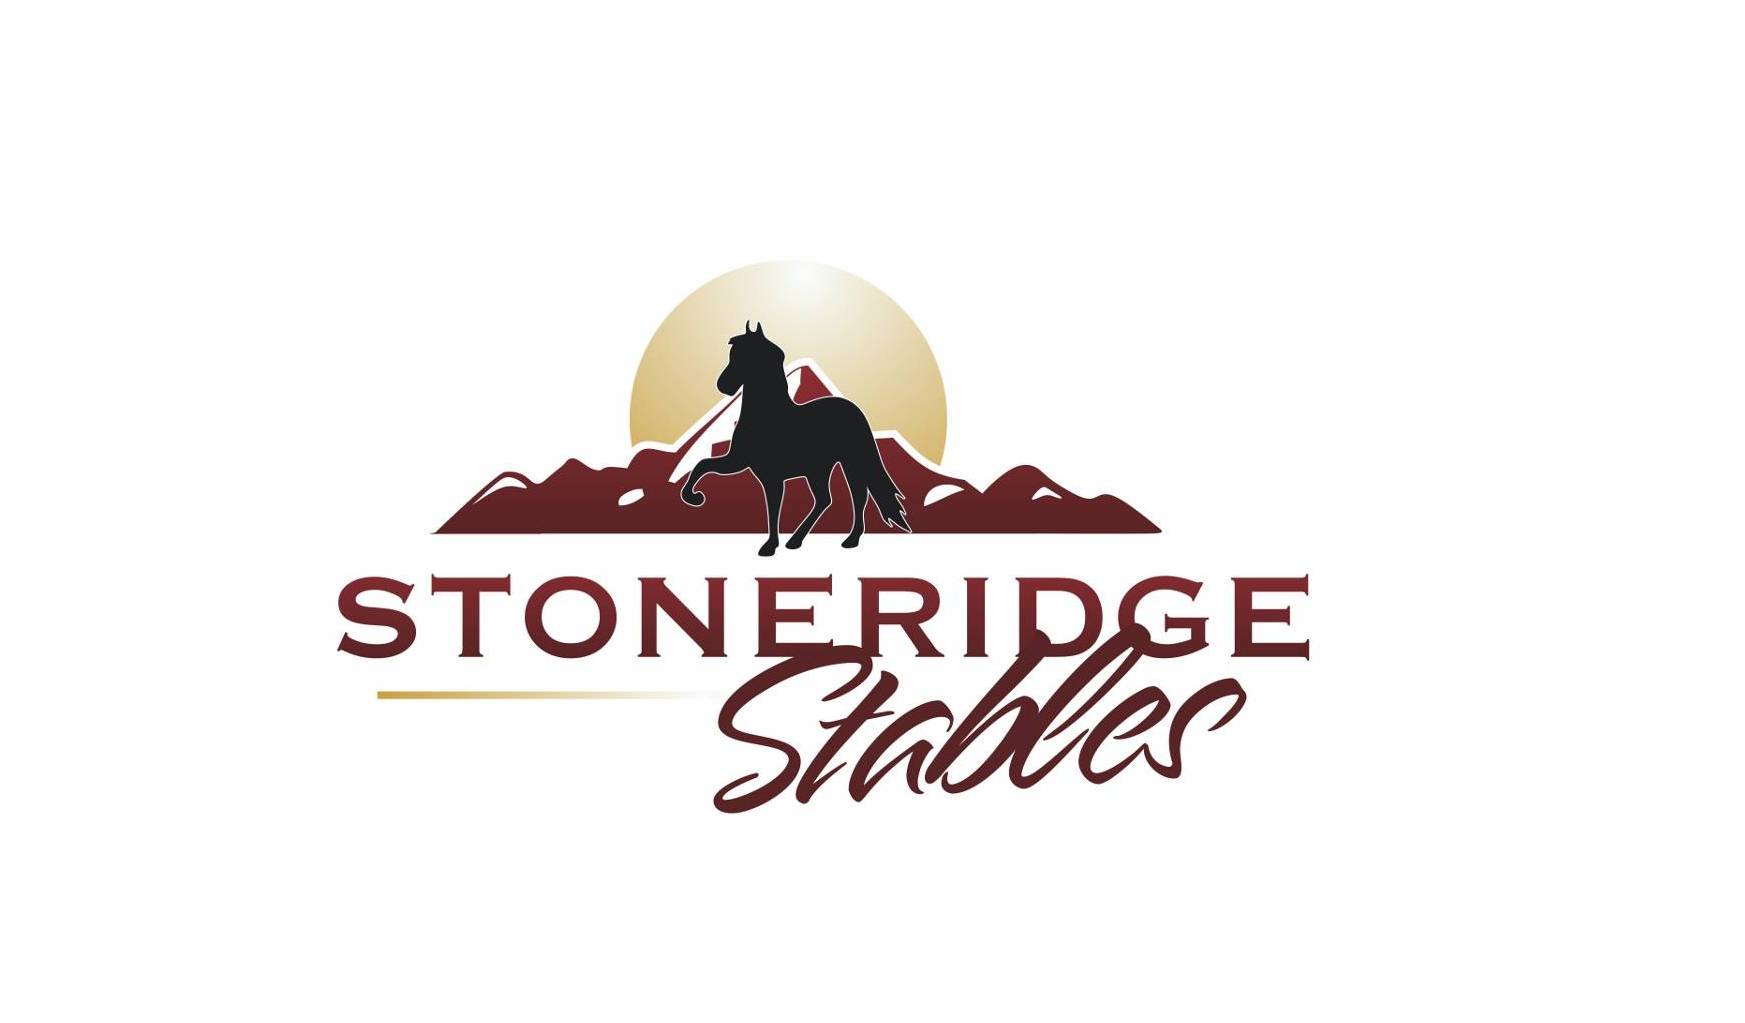 Stoneridge Peruvians